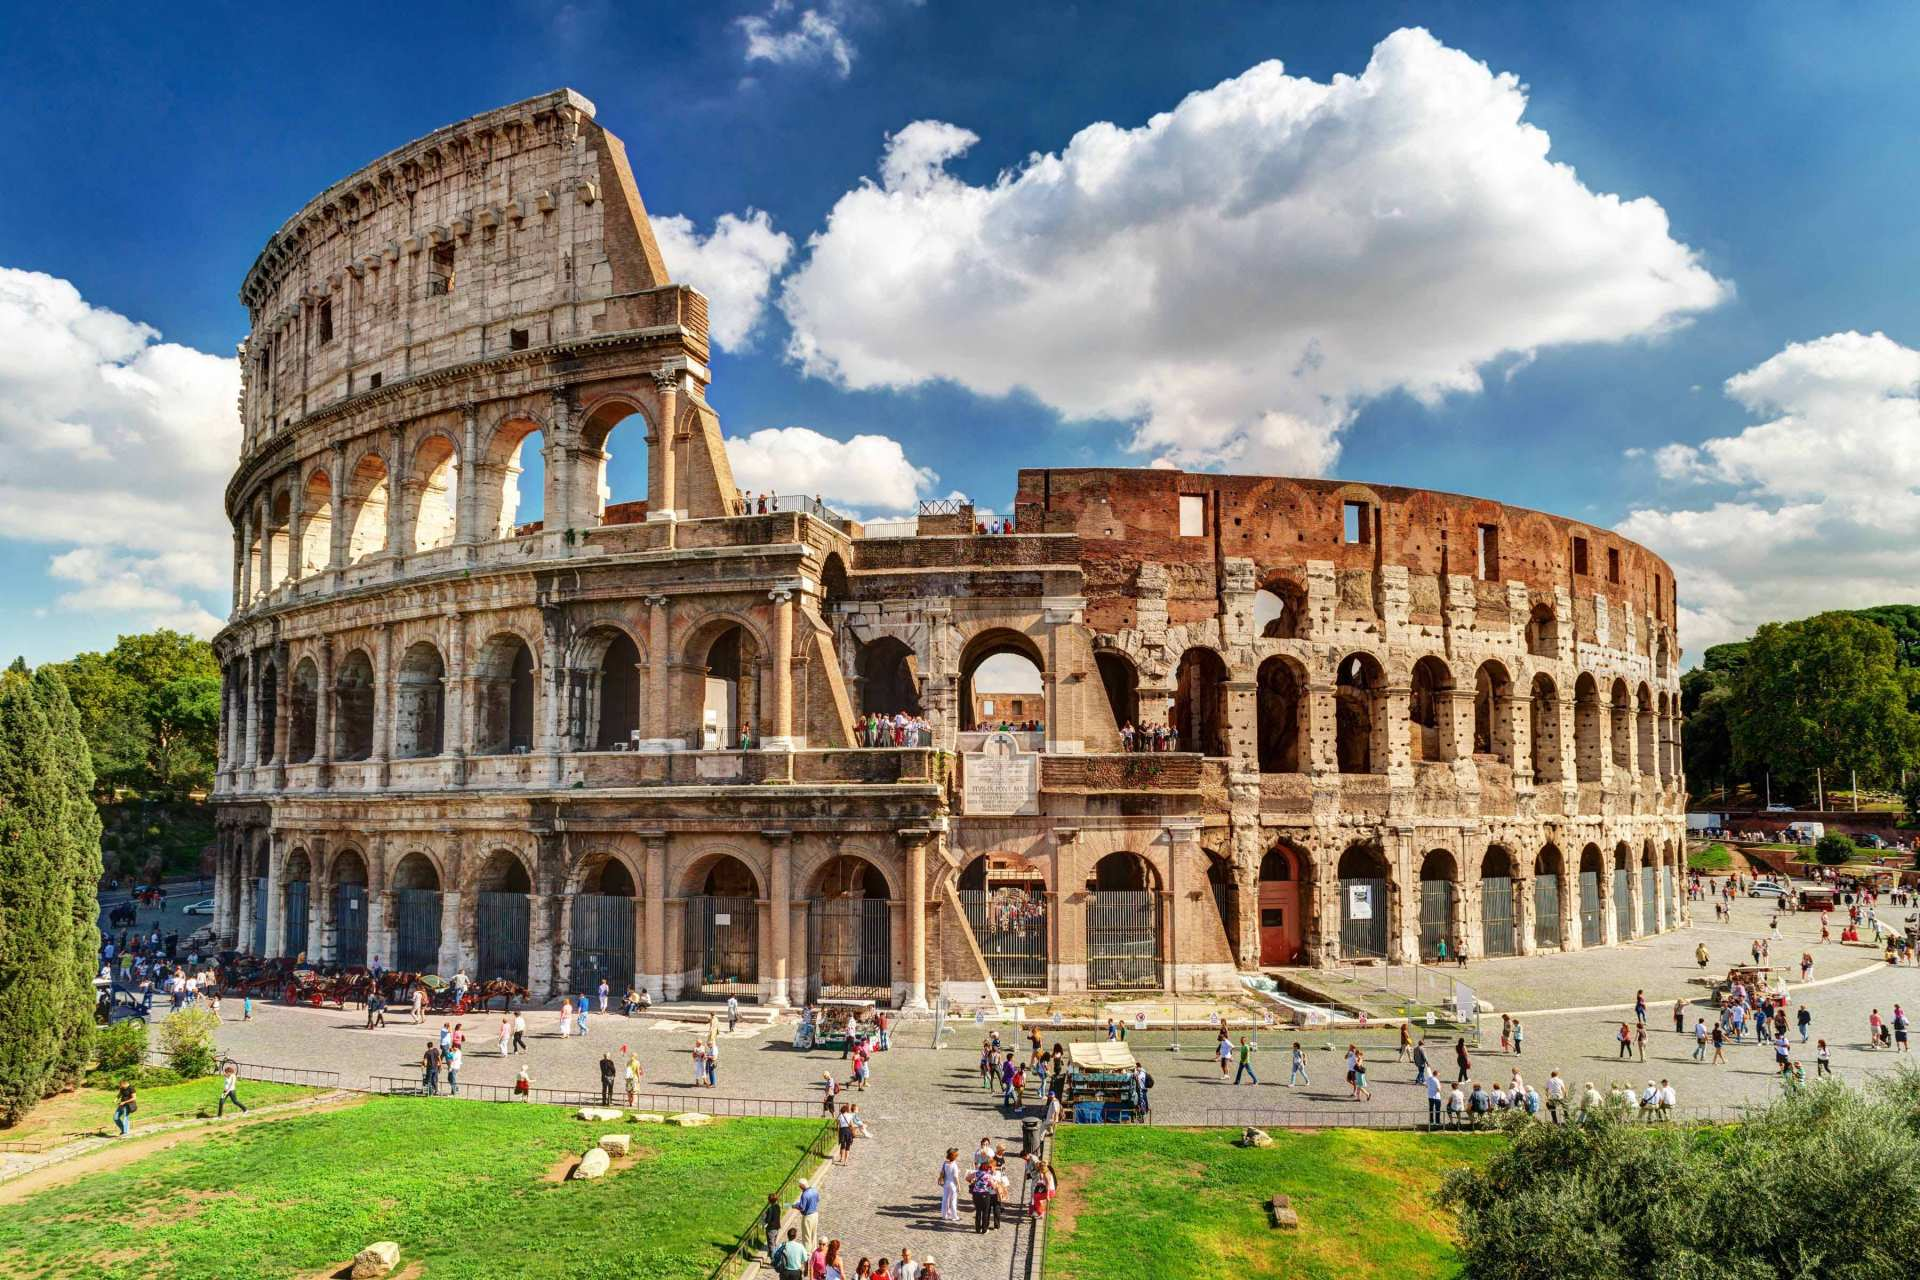 【精緻中 / 英語小團免排隊套票】羅馬競技場、古羅馬廣場、帕拉提諾之丘半日遊(保證出團)